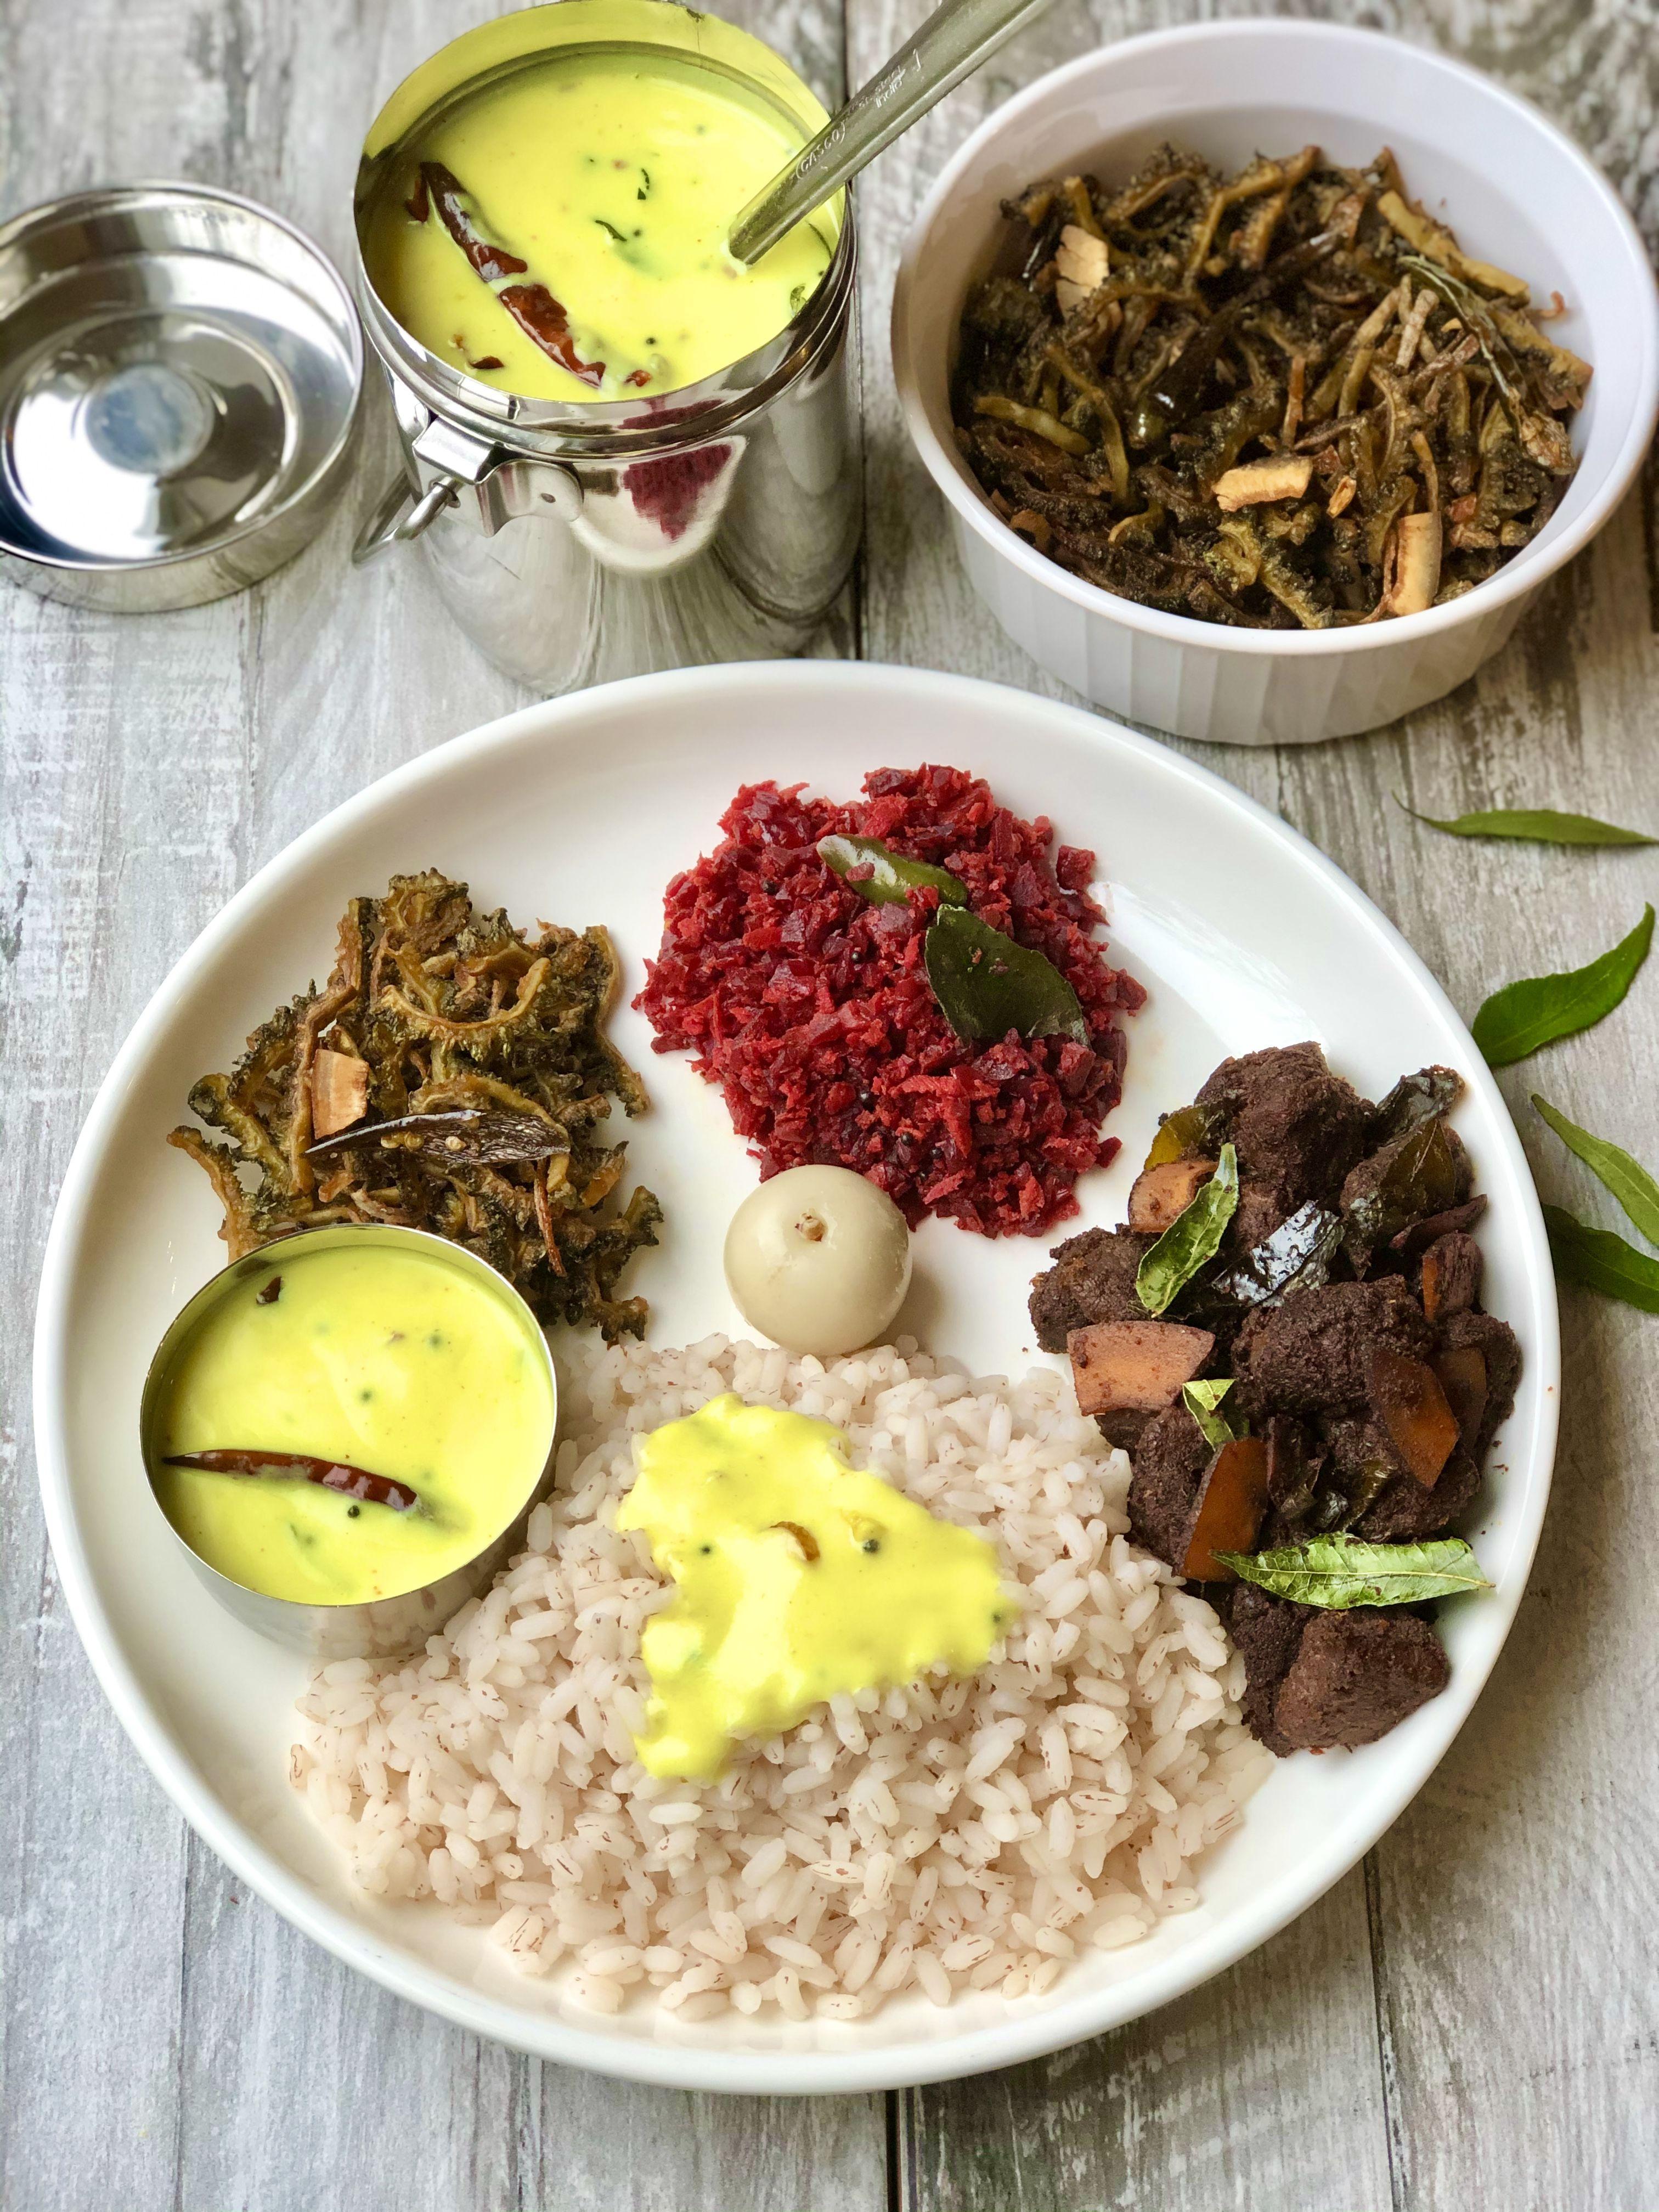 Beef Ularthu Indian Food Recipes Vegetarian Mutton Recipes Indian Food Recipes